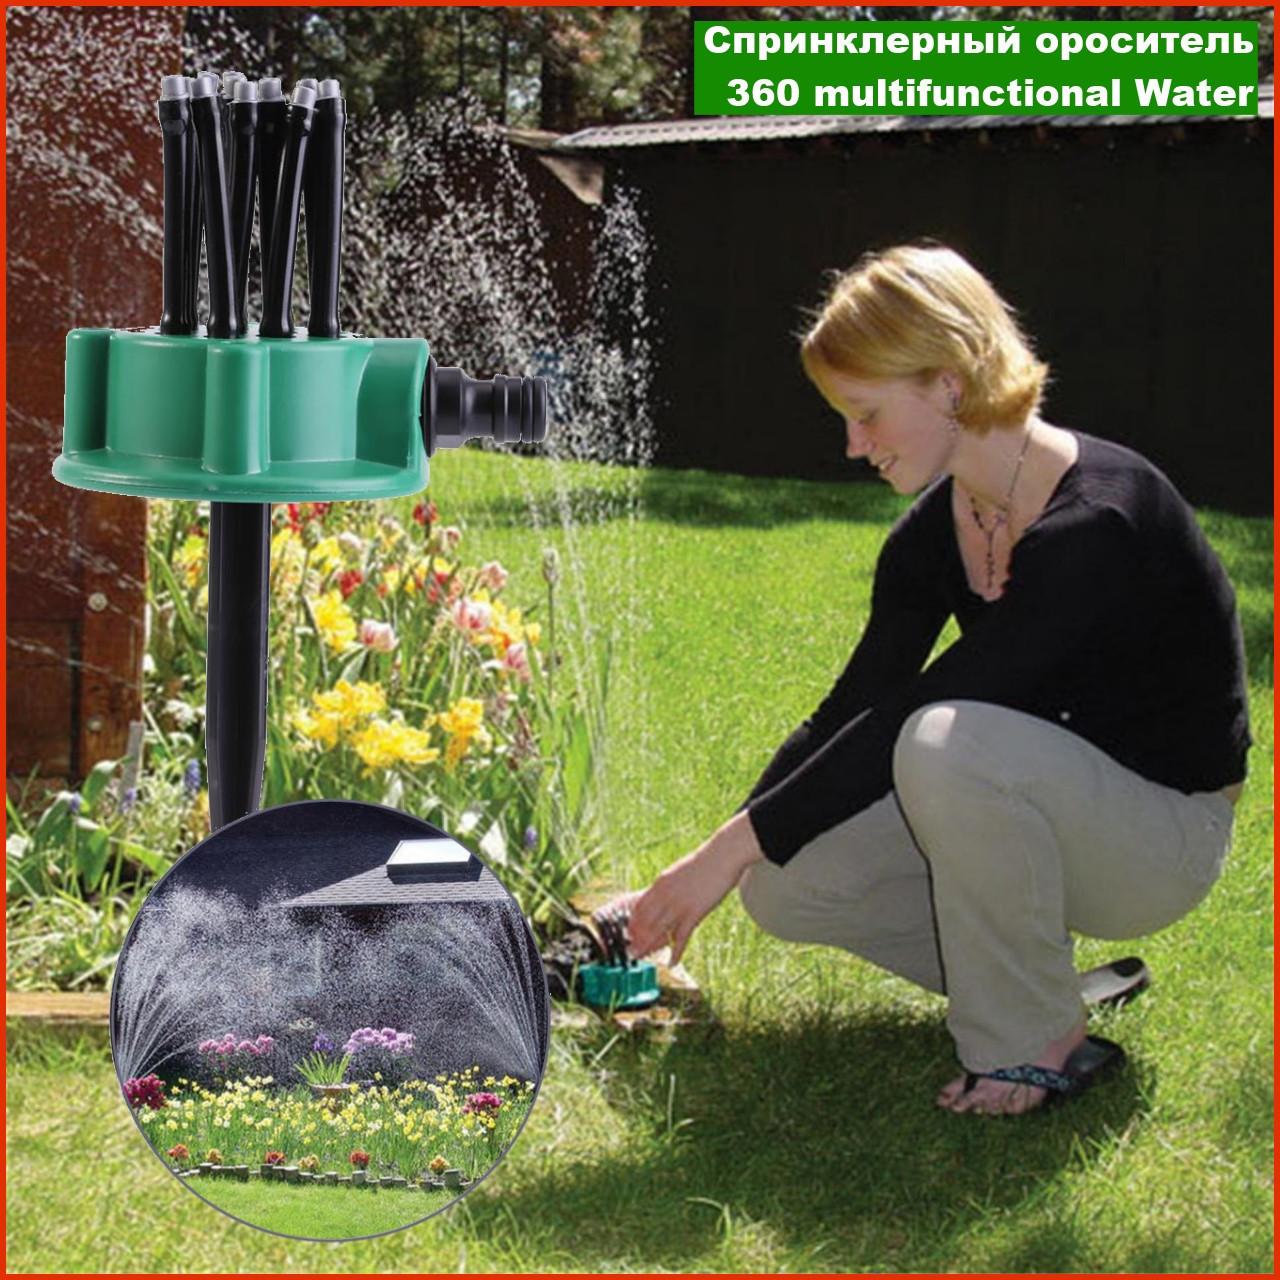 Спринклерный ороситель 360 multifunctional Water / разбрызгиватель / распылитель для полива газона / Оригинал